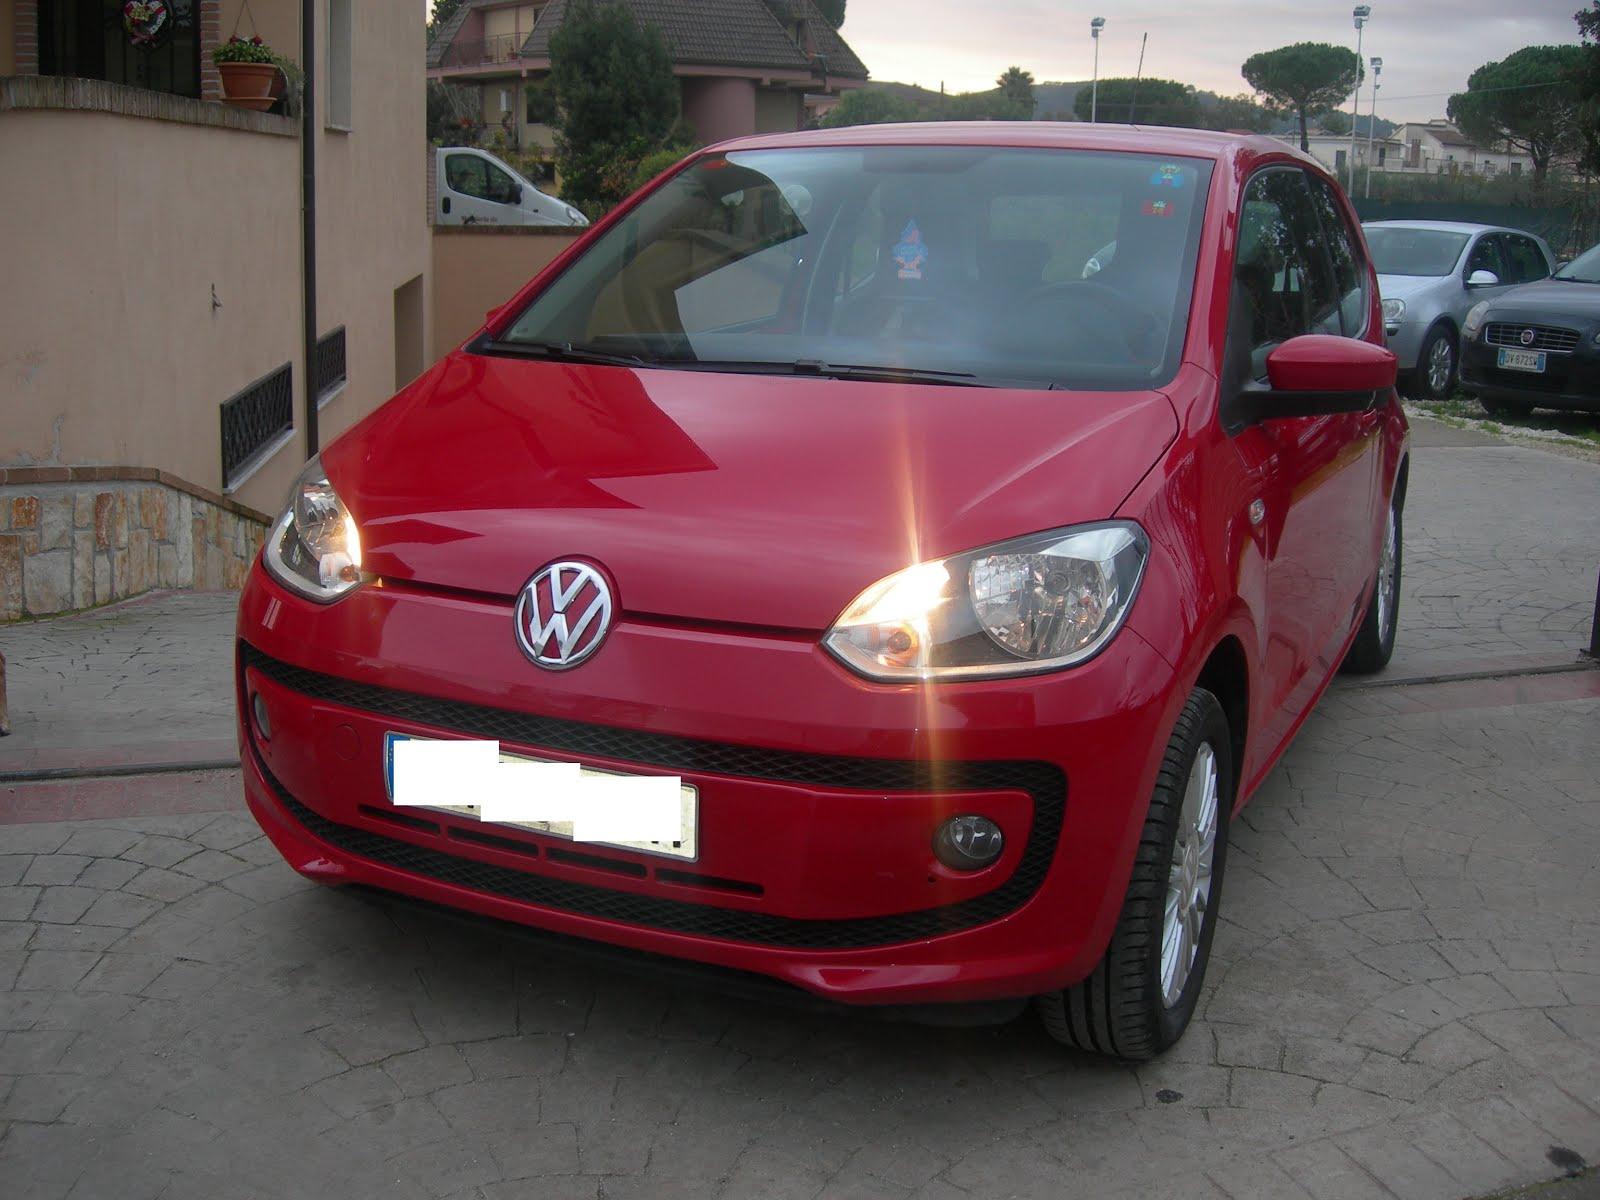 Vw Up! 1.0 75 CV Anno 2012 acc: full optional con Navigatore e cerchi in lega Prezzo 6.900,00 euro